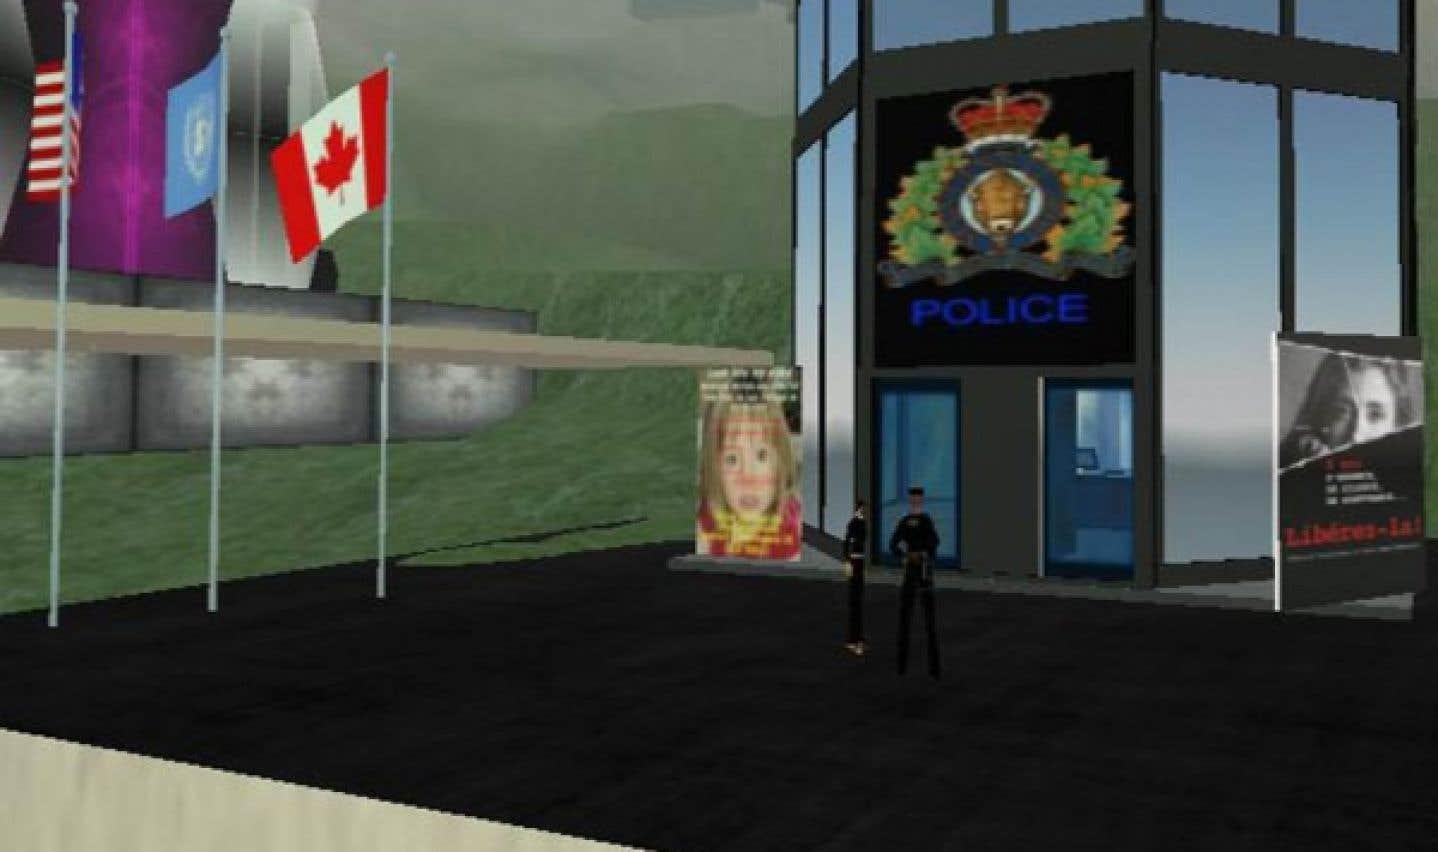 On aurait pu croire que la Gendarmerie royale du Canada avait déjà fait du recrutement sur Second Life, mais le corps policier avait été en fait victime d'une usurpation d'identité par des imposteurs.